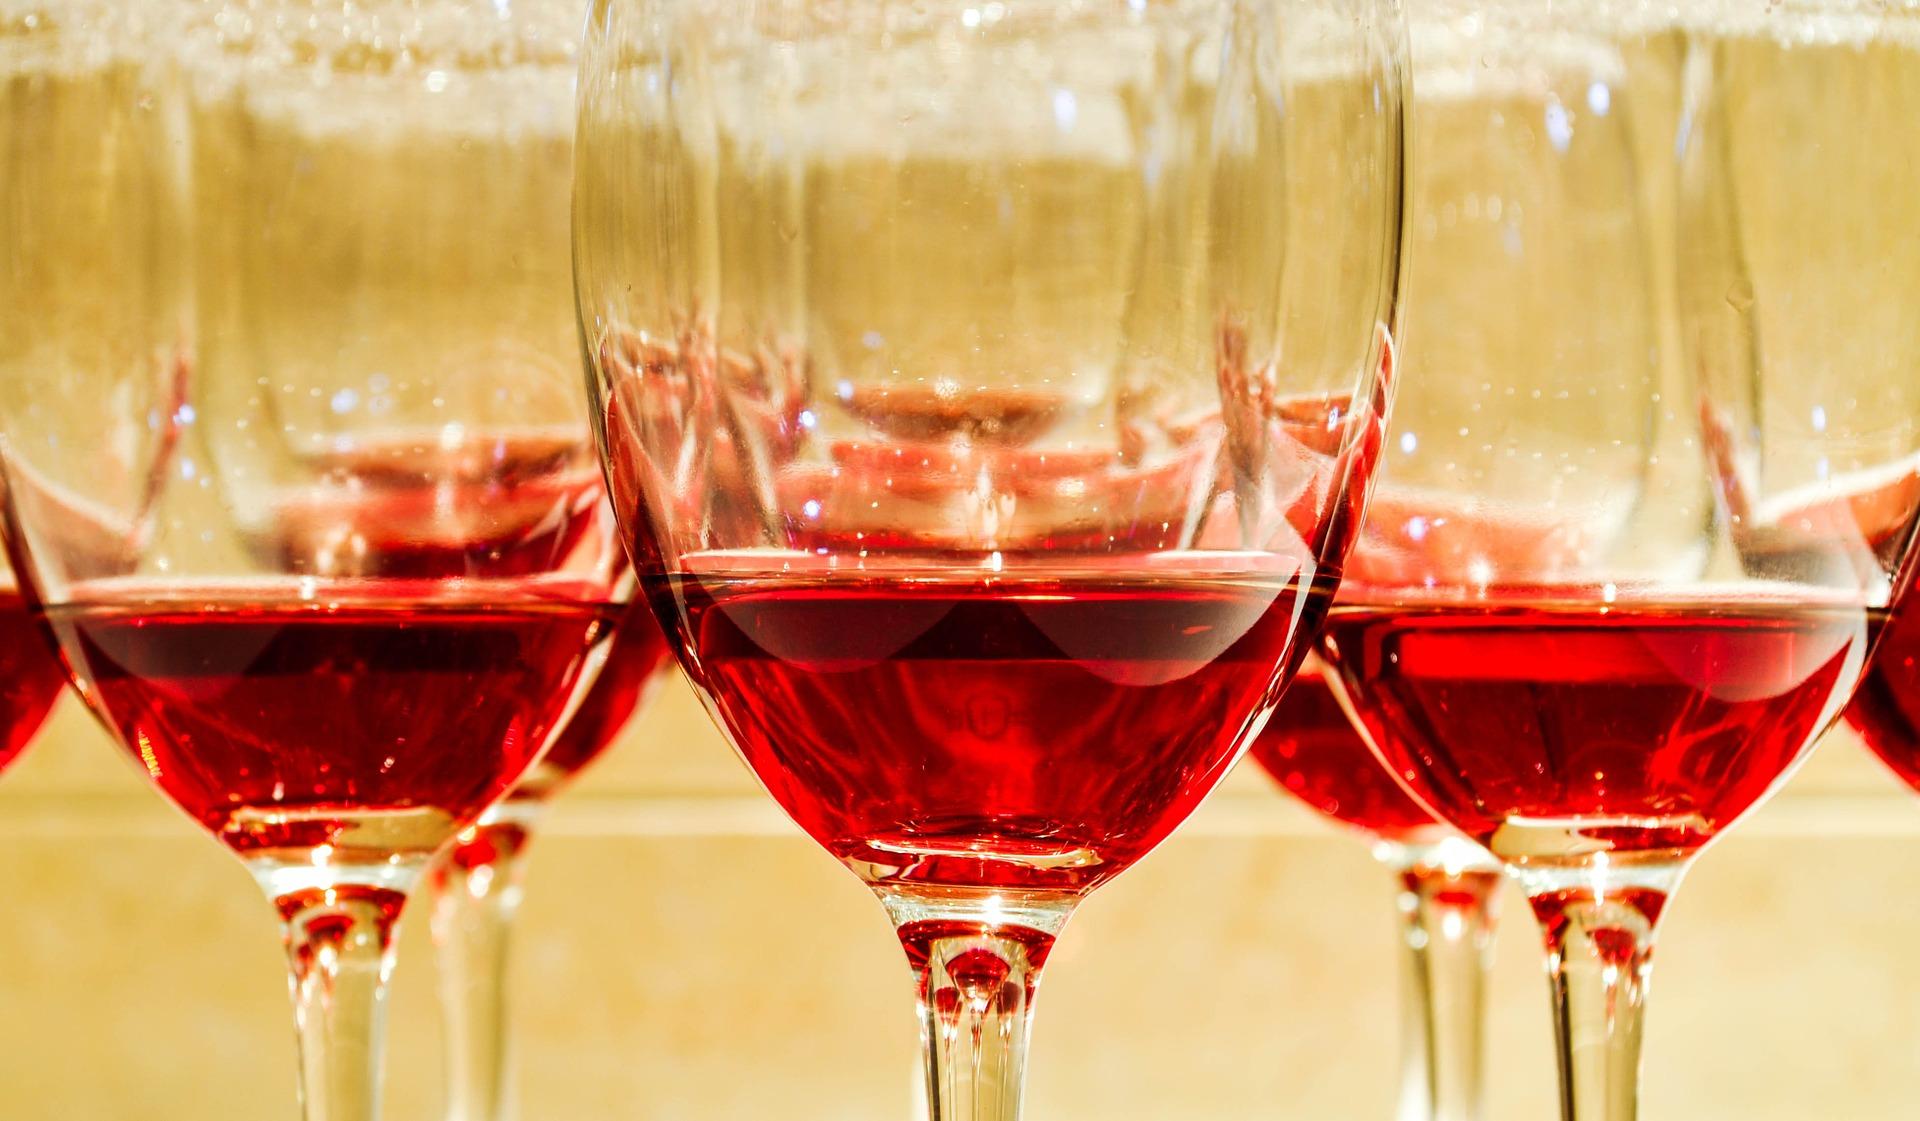 Cosas sobre el vino , posiblemente no las sabías